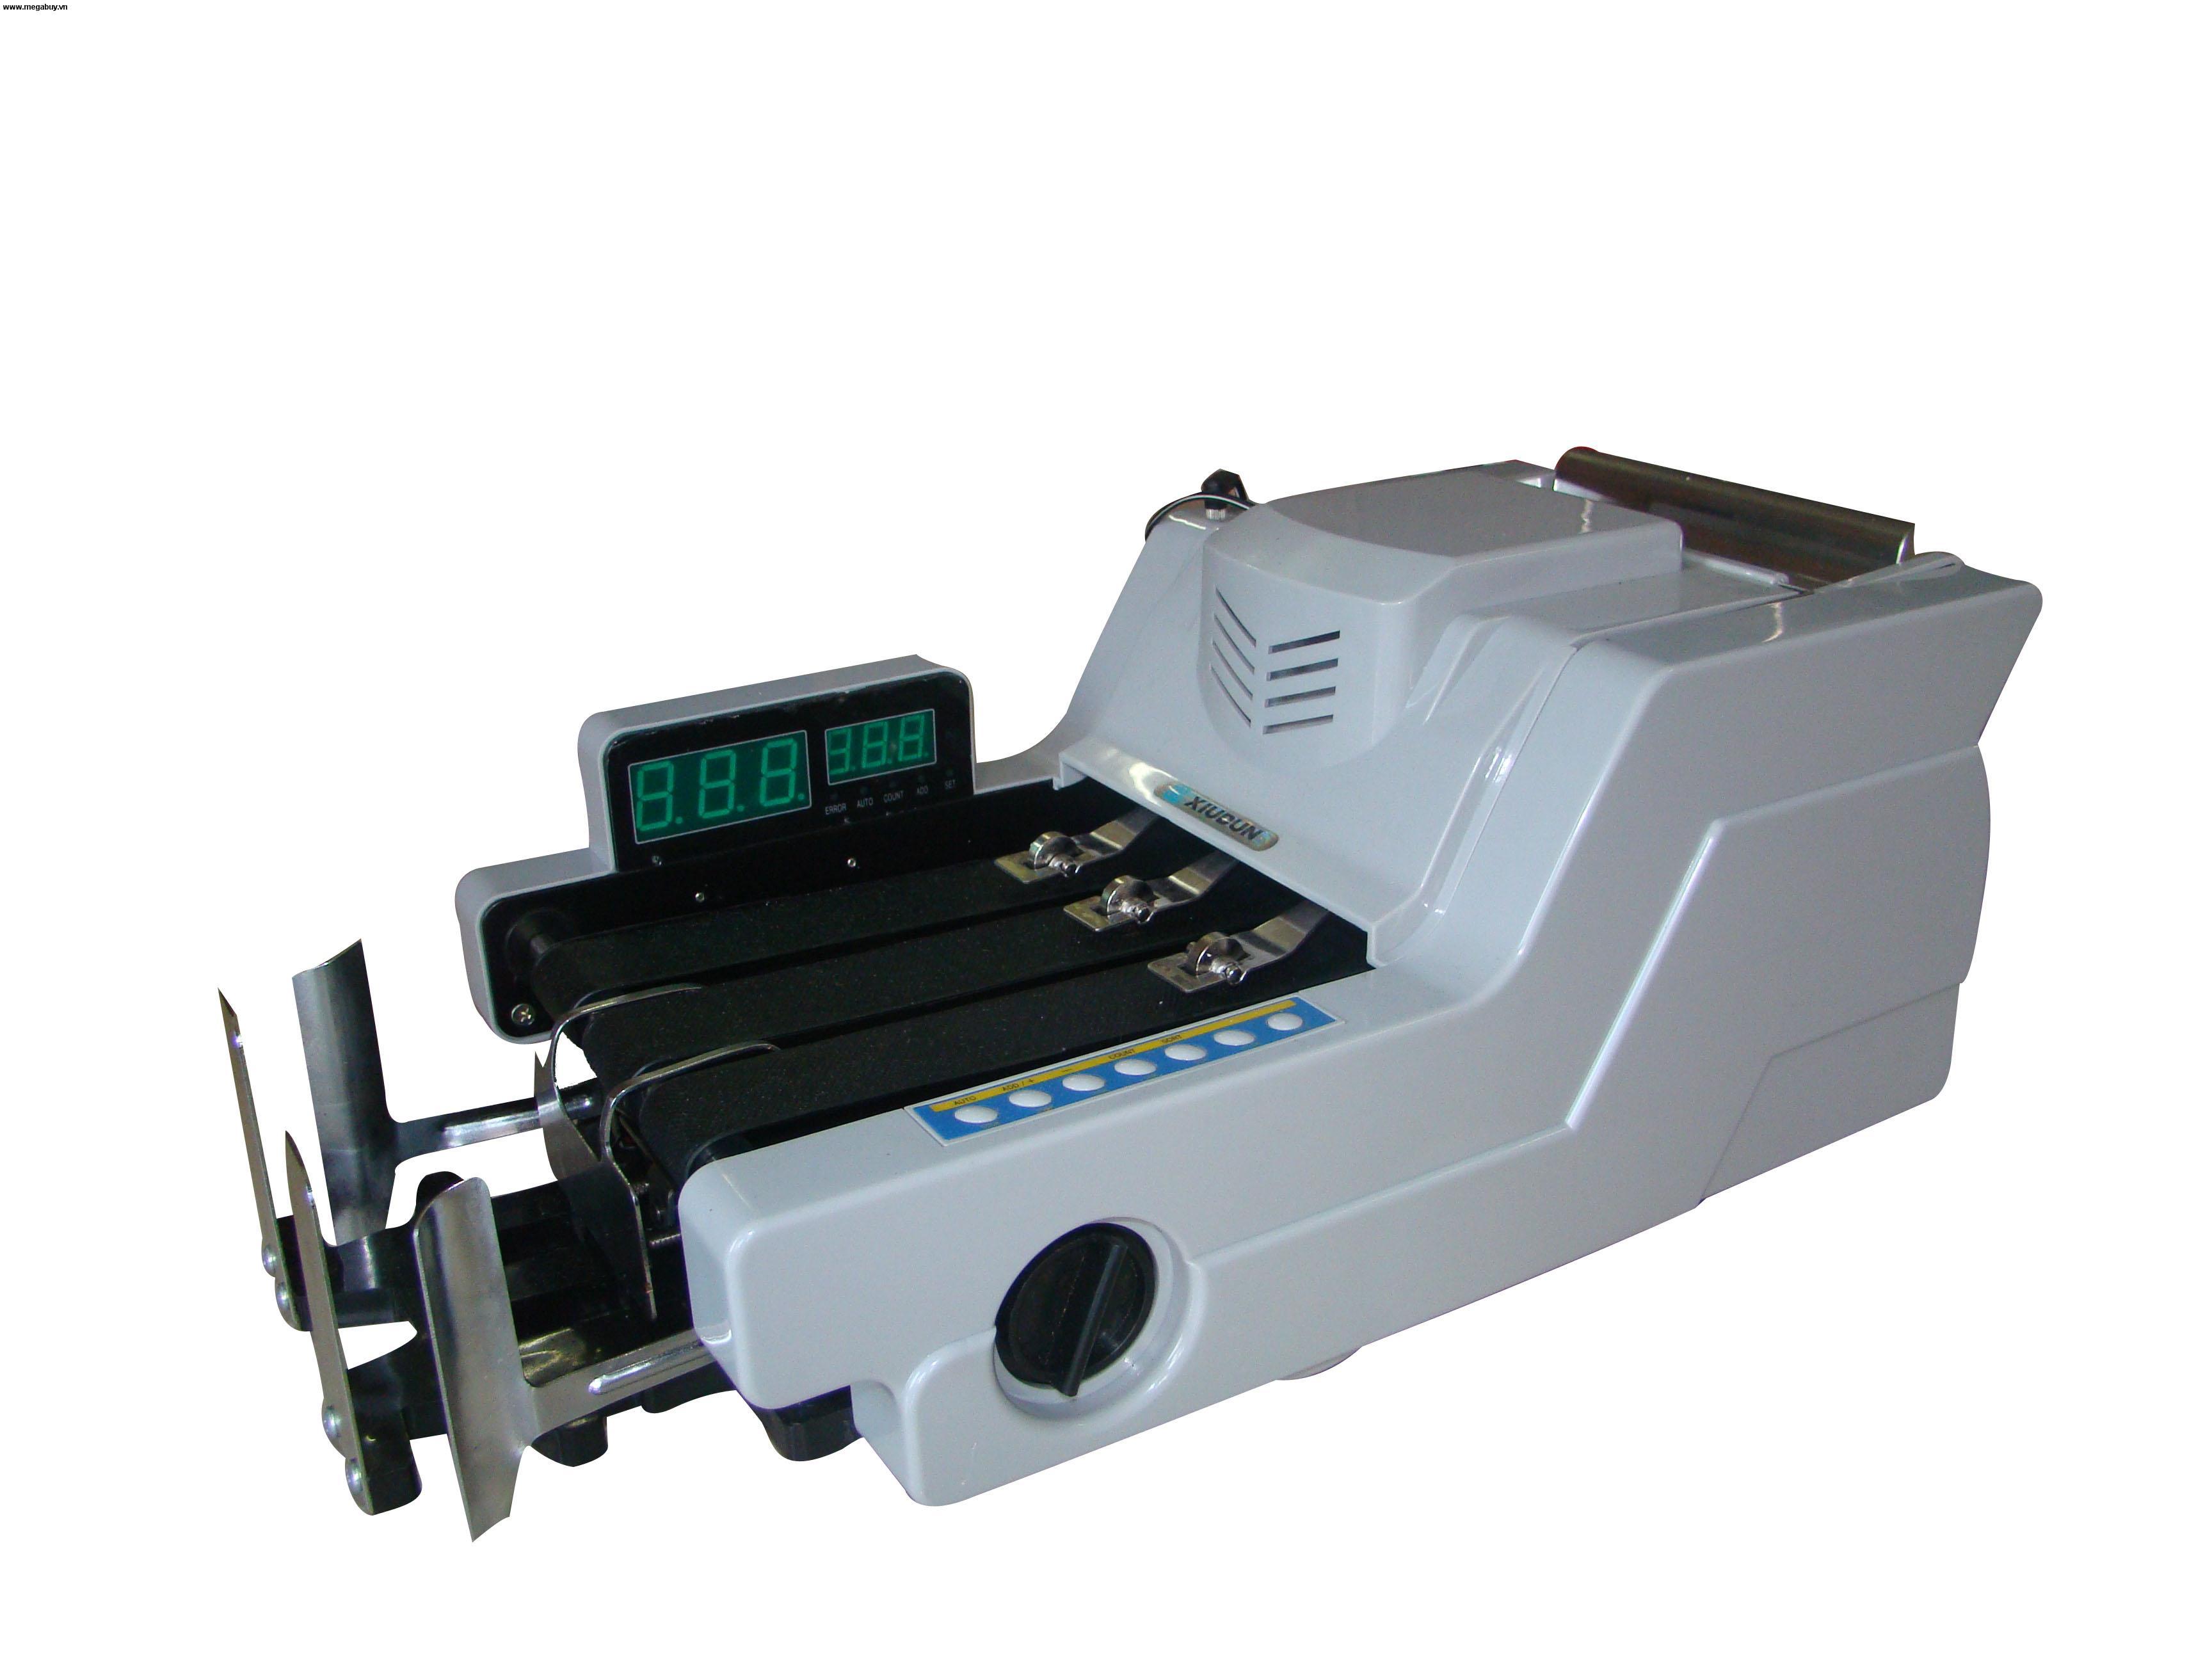 Hướng dẫn sử dụng máy đếm tiền Xiudun kiều máy nằm